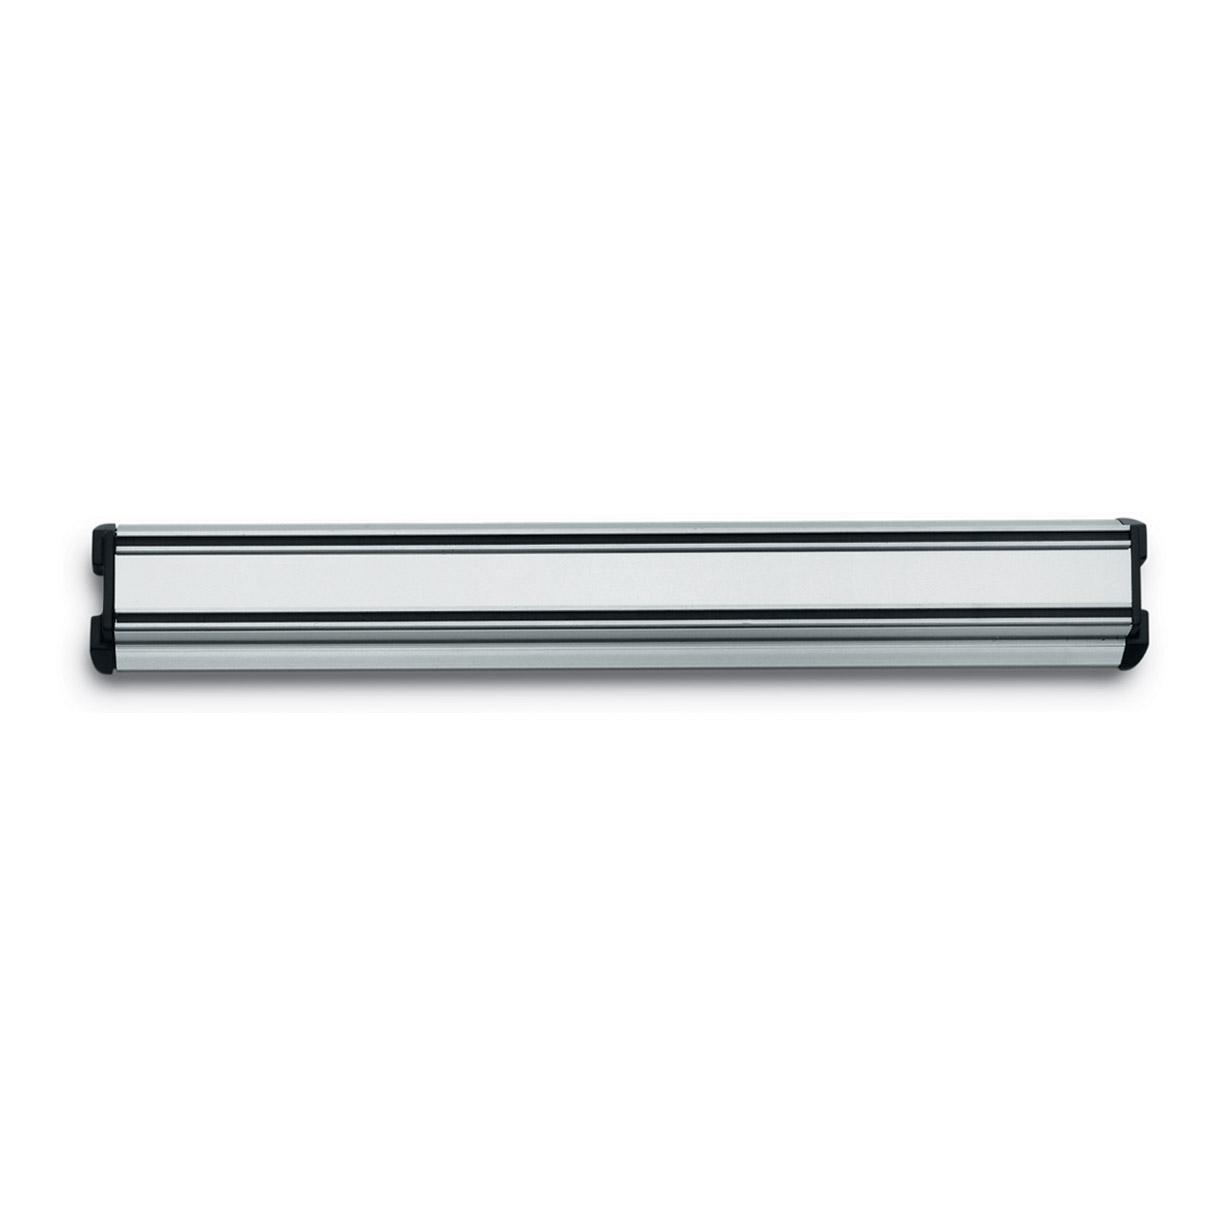 Magnetická lišta na nože 30 cm stříbrná WÜSTHOF